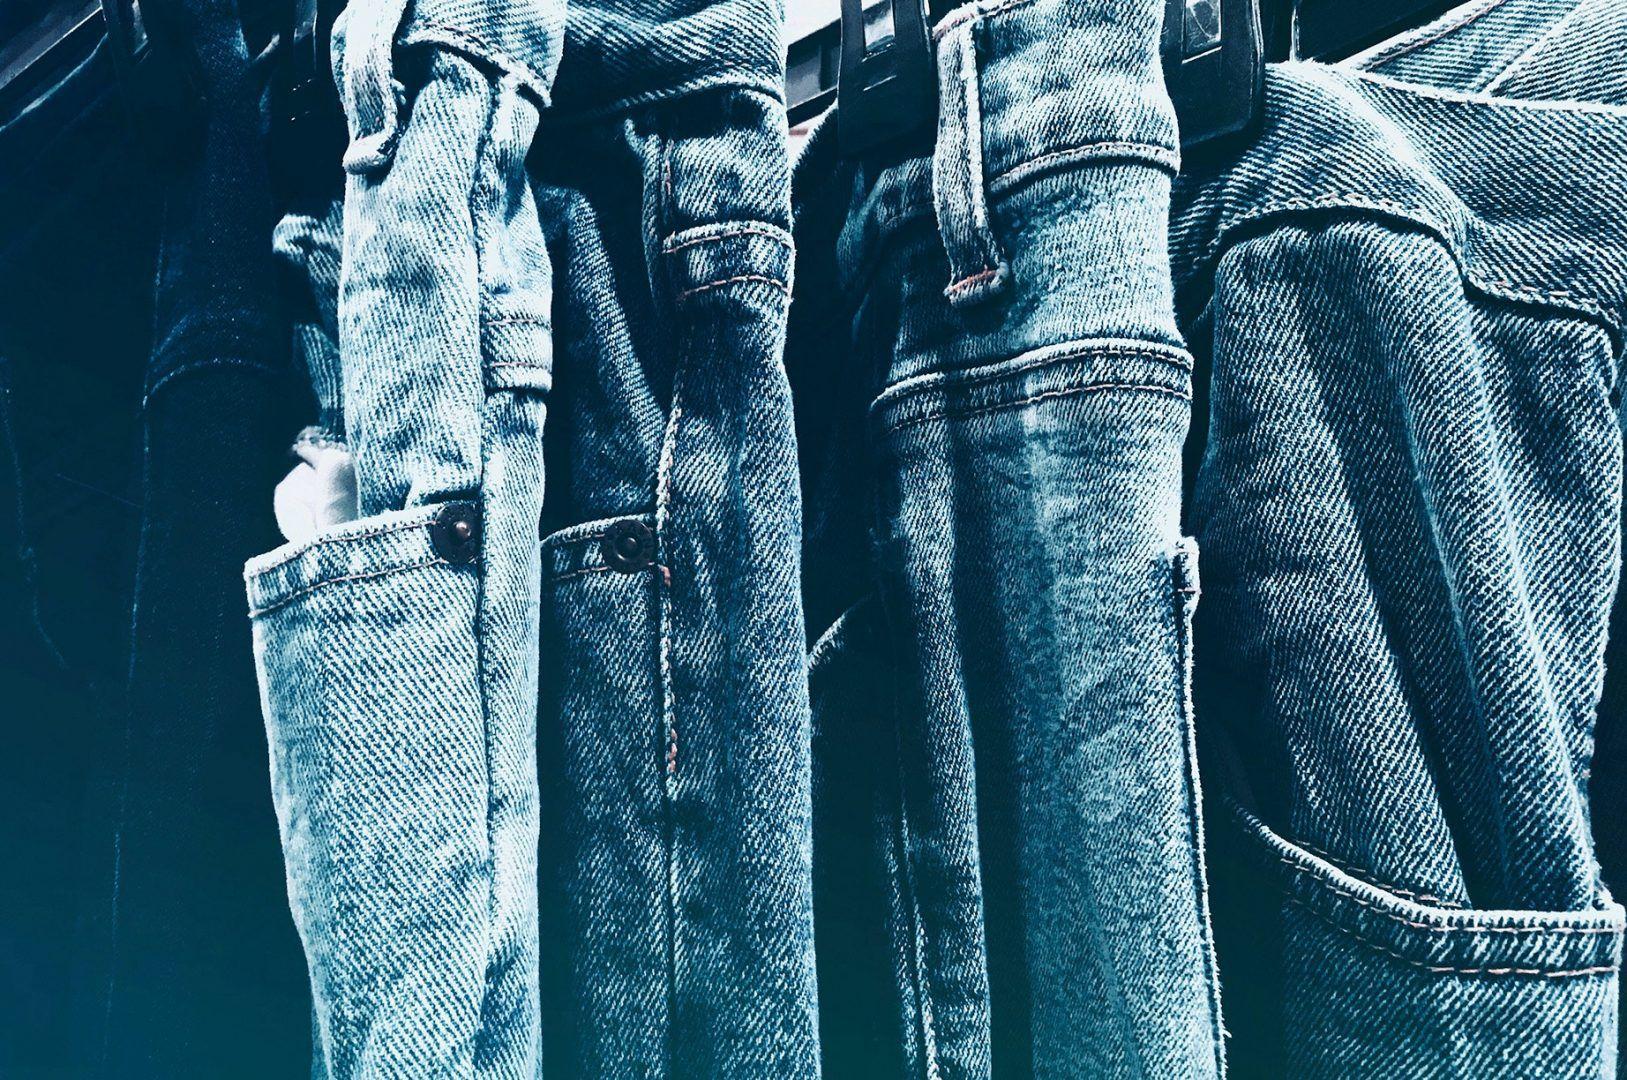 Calça jeans - A história da peça coringa que nunca sai de moda